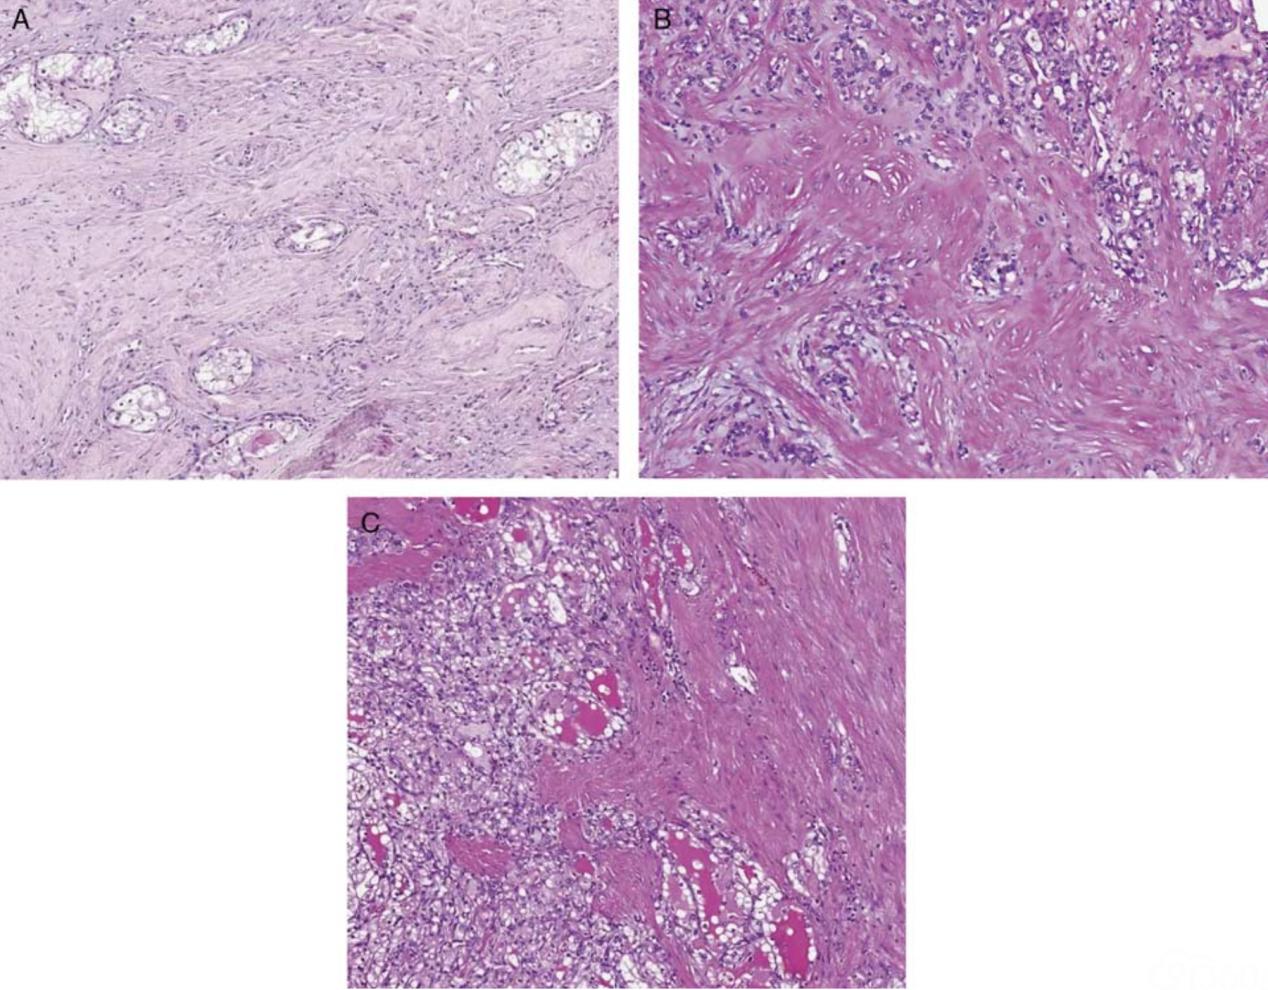 伴平滑肌间质的肾细胞癌